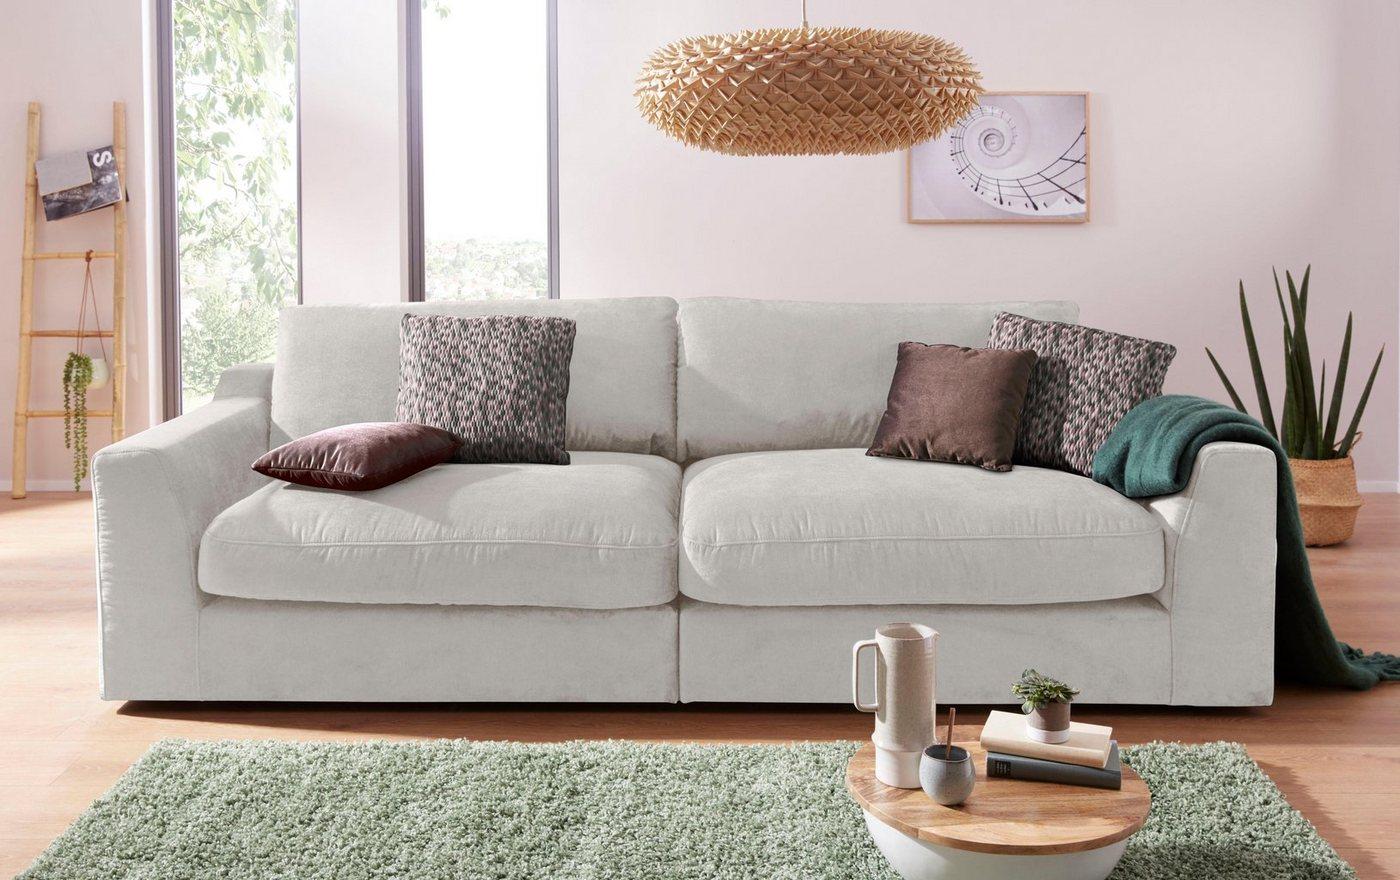 sit&more Big-Sofa | Wohnzimmer > Sofas & Couches > Bigsofas | Grau | sit&more